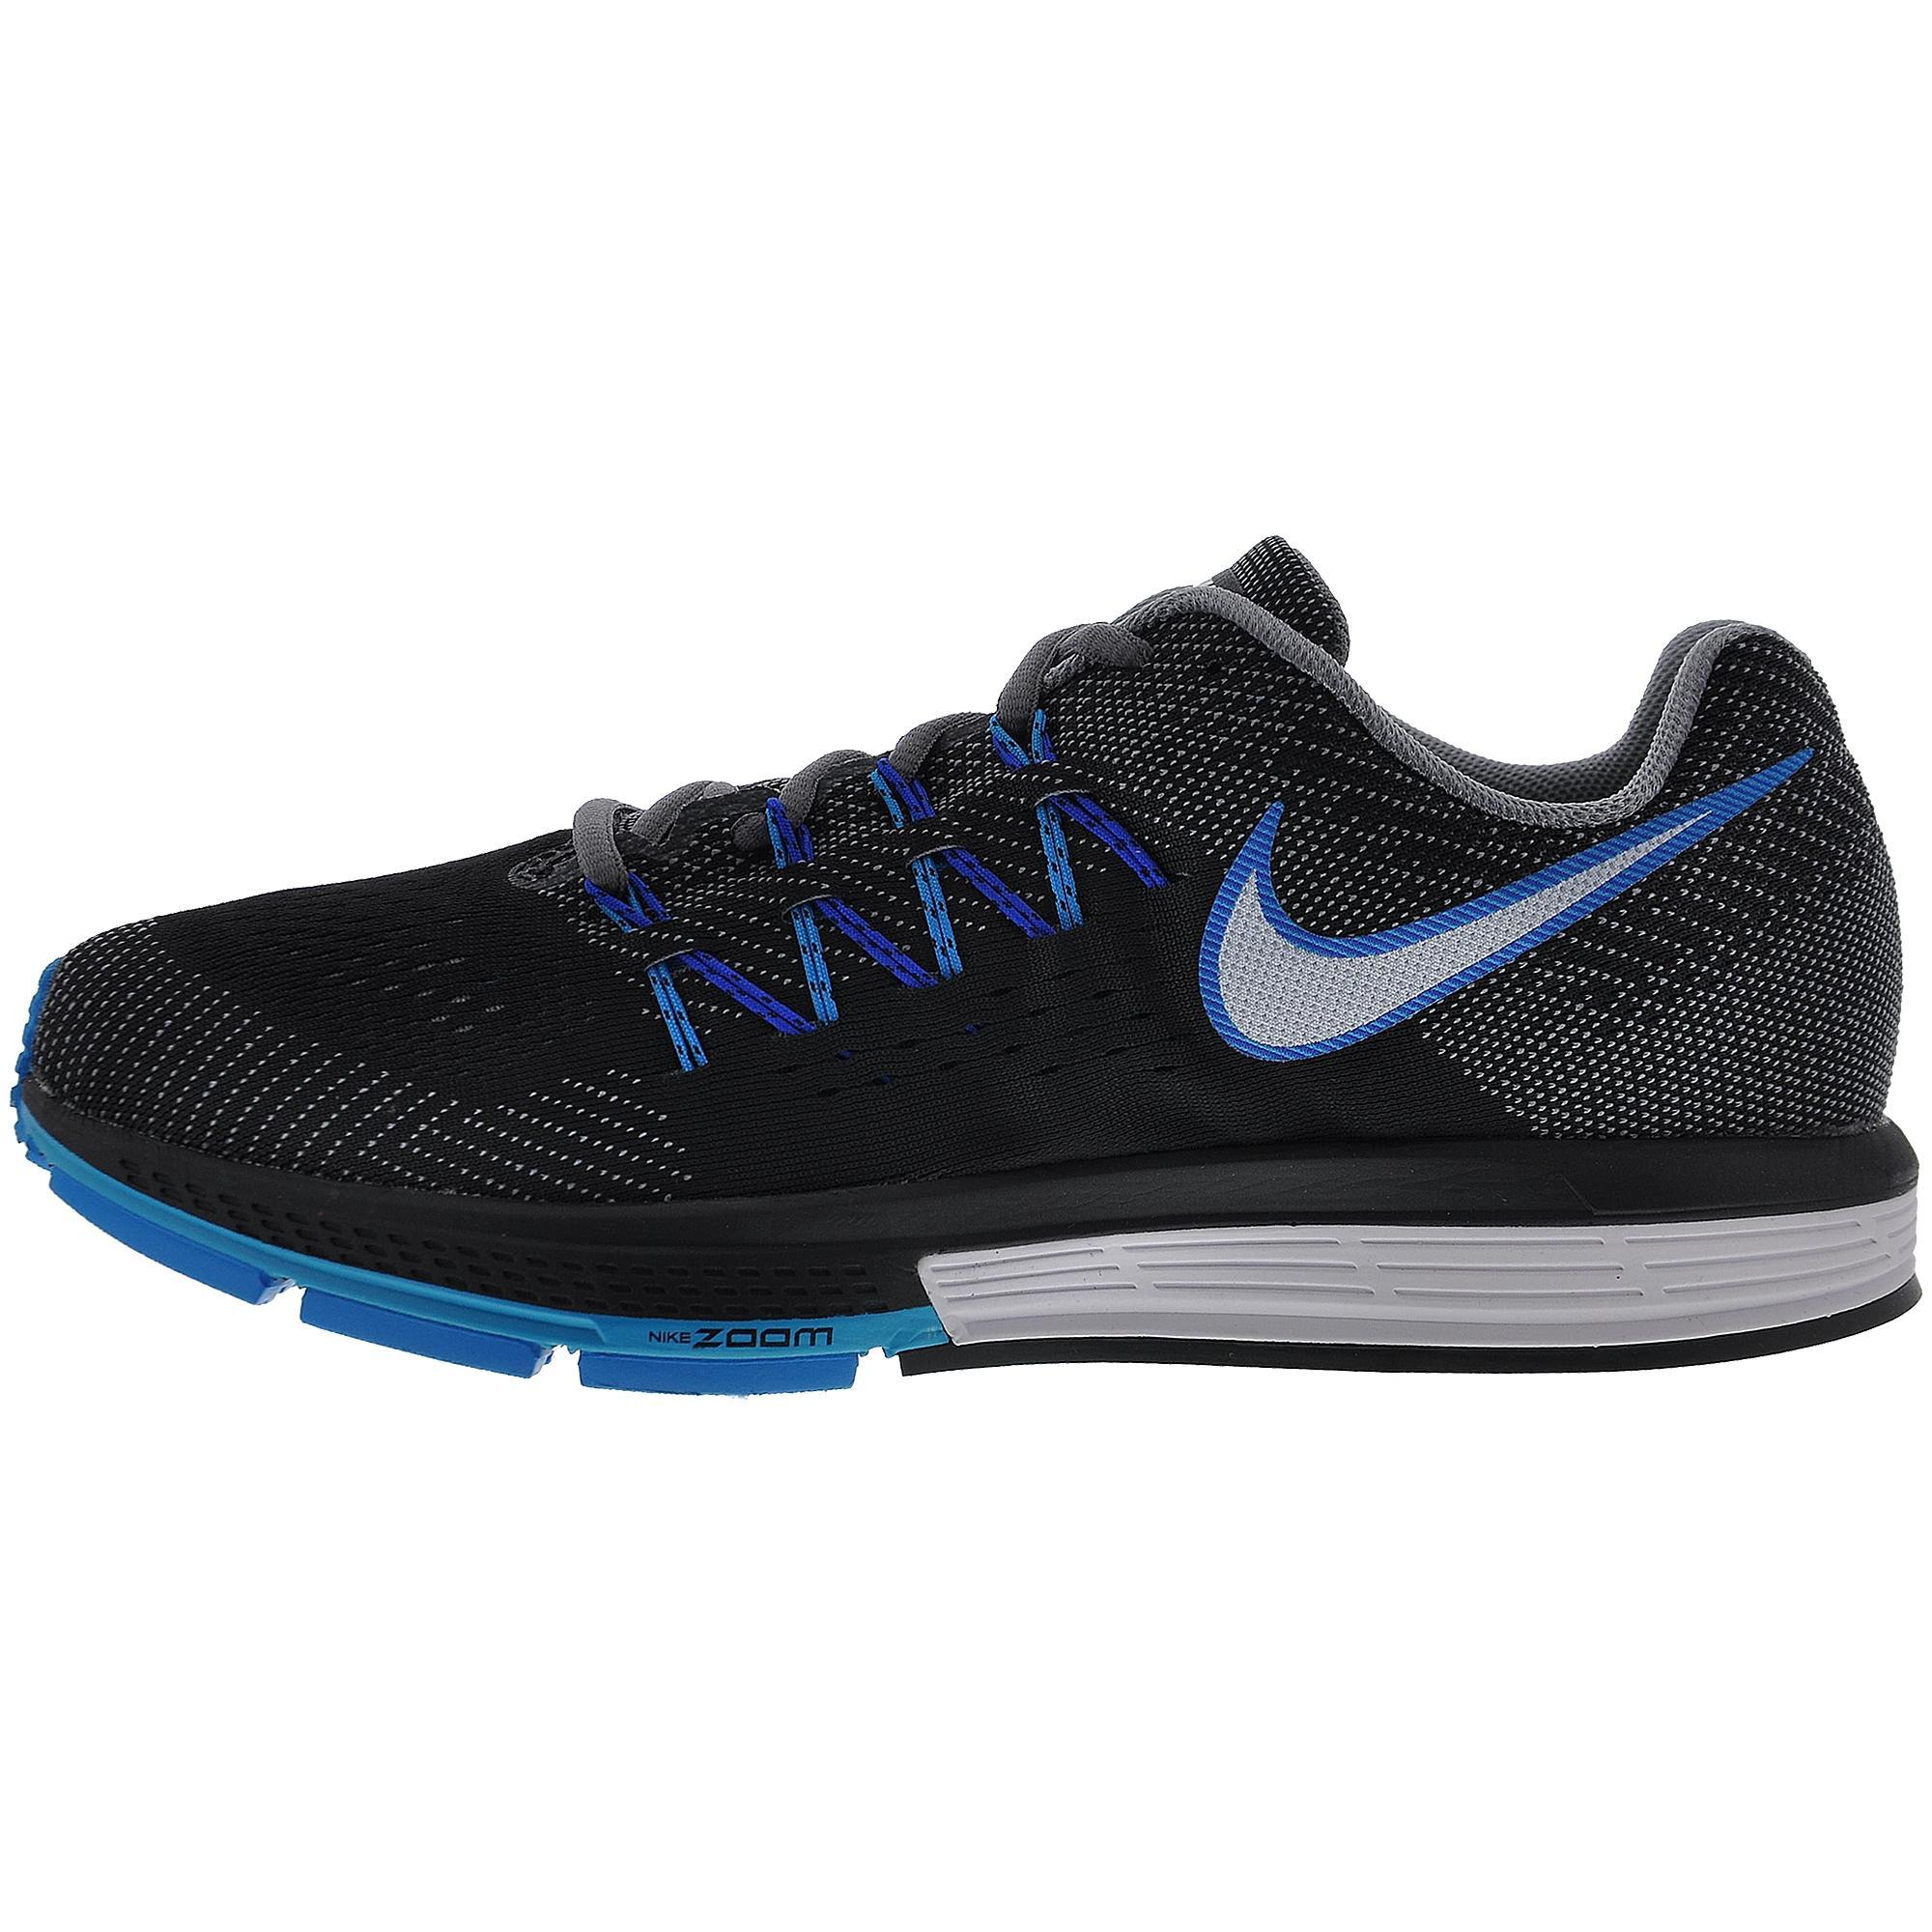 Nike Air Zoom Vomero 10 Erkek Siyah Koşu Ayakkabısı